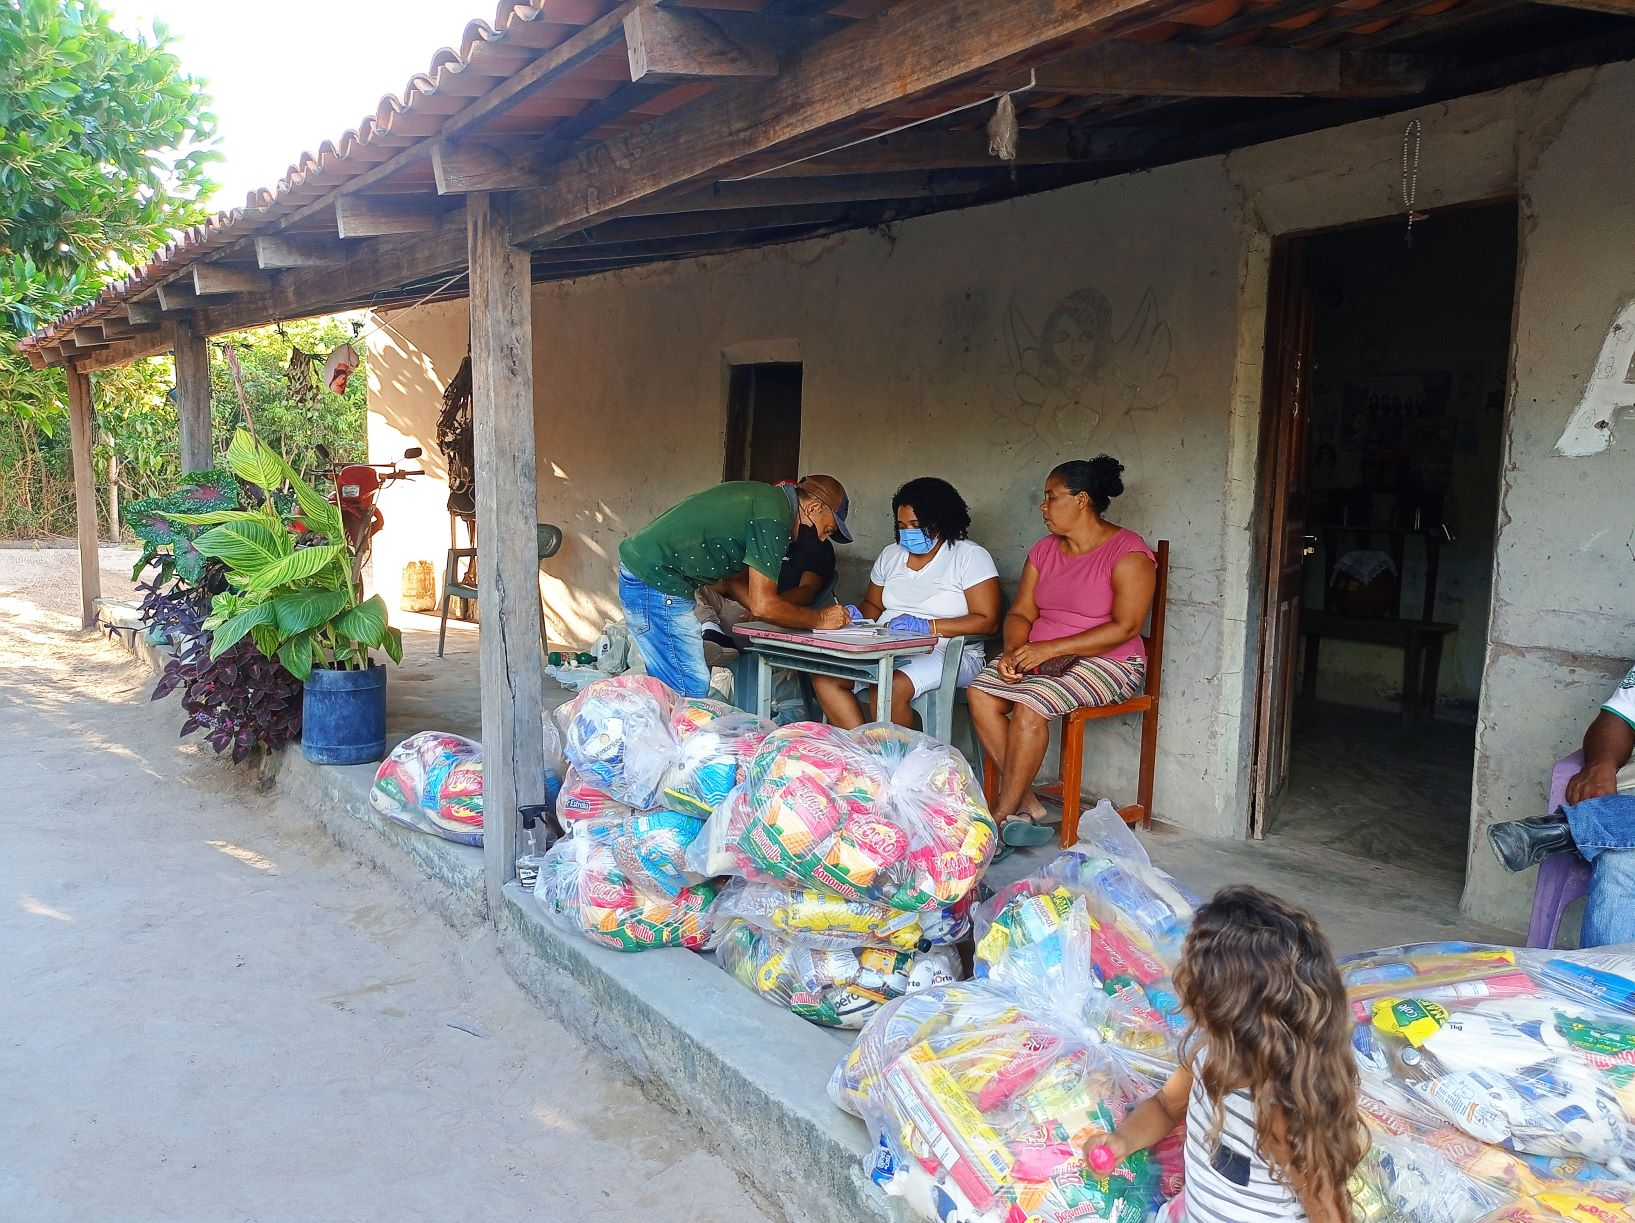 Entrega de alimentos no interior do Piauí: avanço da fome, retrocesso brasileiro no caminho dos Objetivos do Desenvolvimento Sustentável (Foto: Luzilene Lopes Pereira / Divulgação / Action Aid)